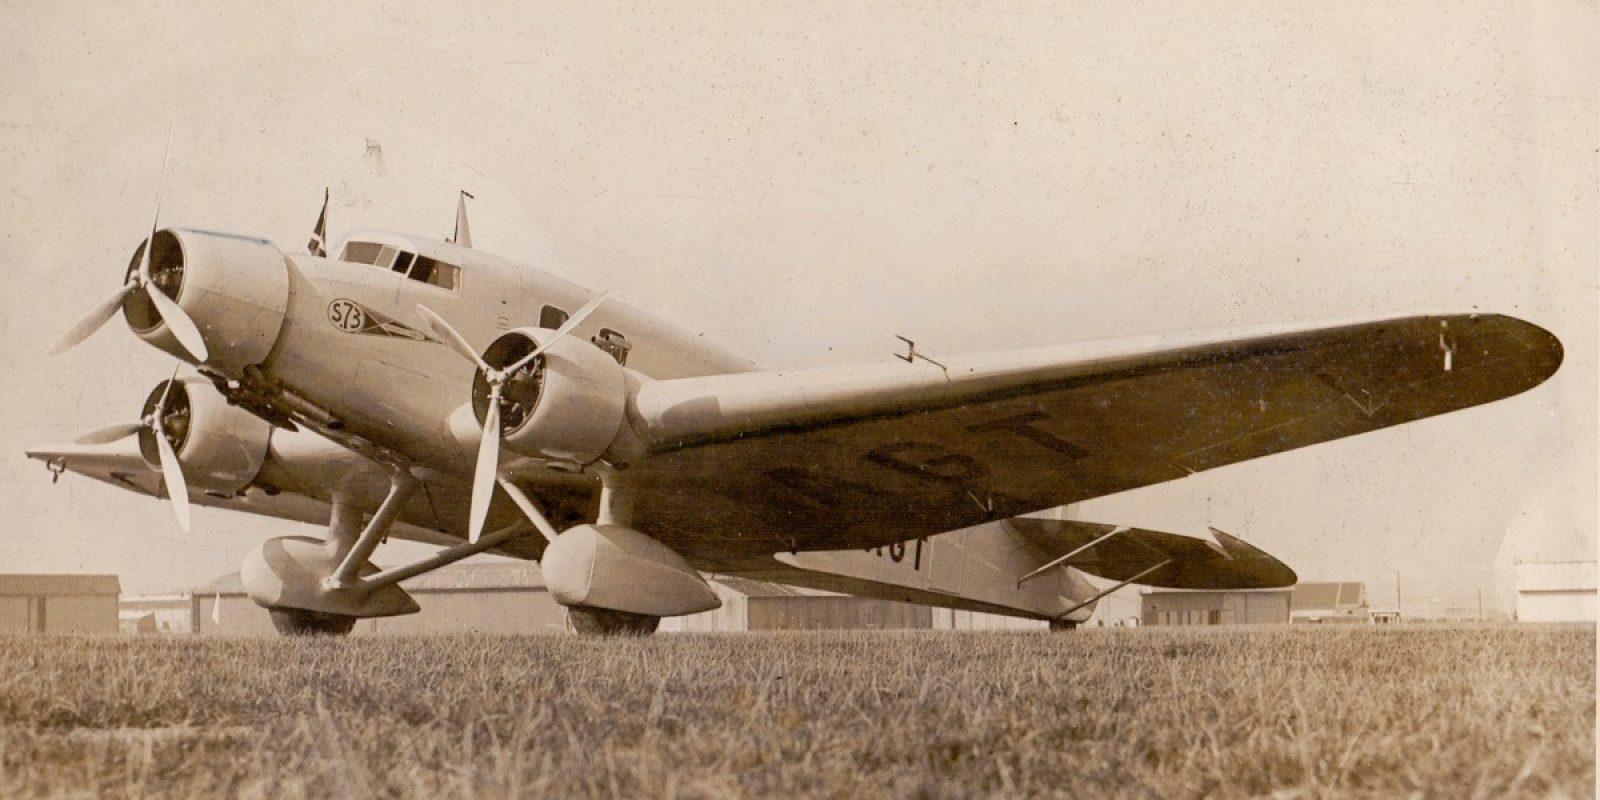 De S.73 OO-AGT, prachtig gefotografeerd op de luchthaven van Haren. (Foto Graphopresse, archief Frans Van Humbeek)